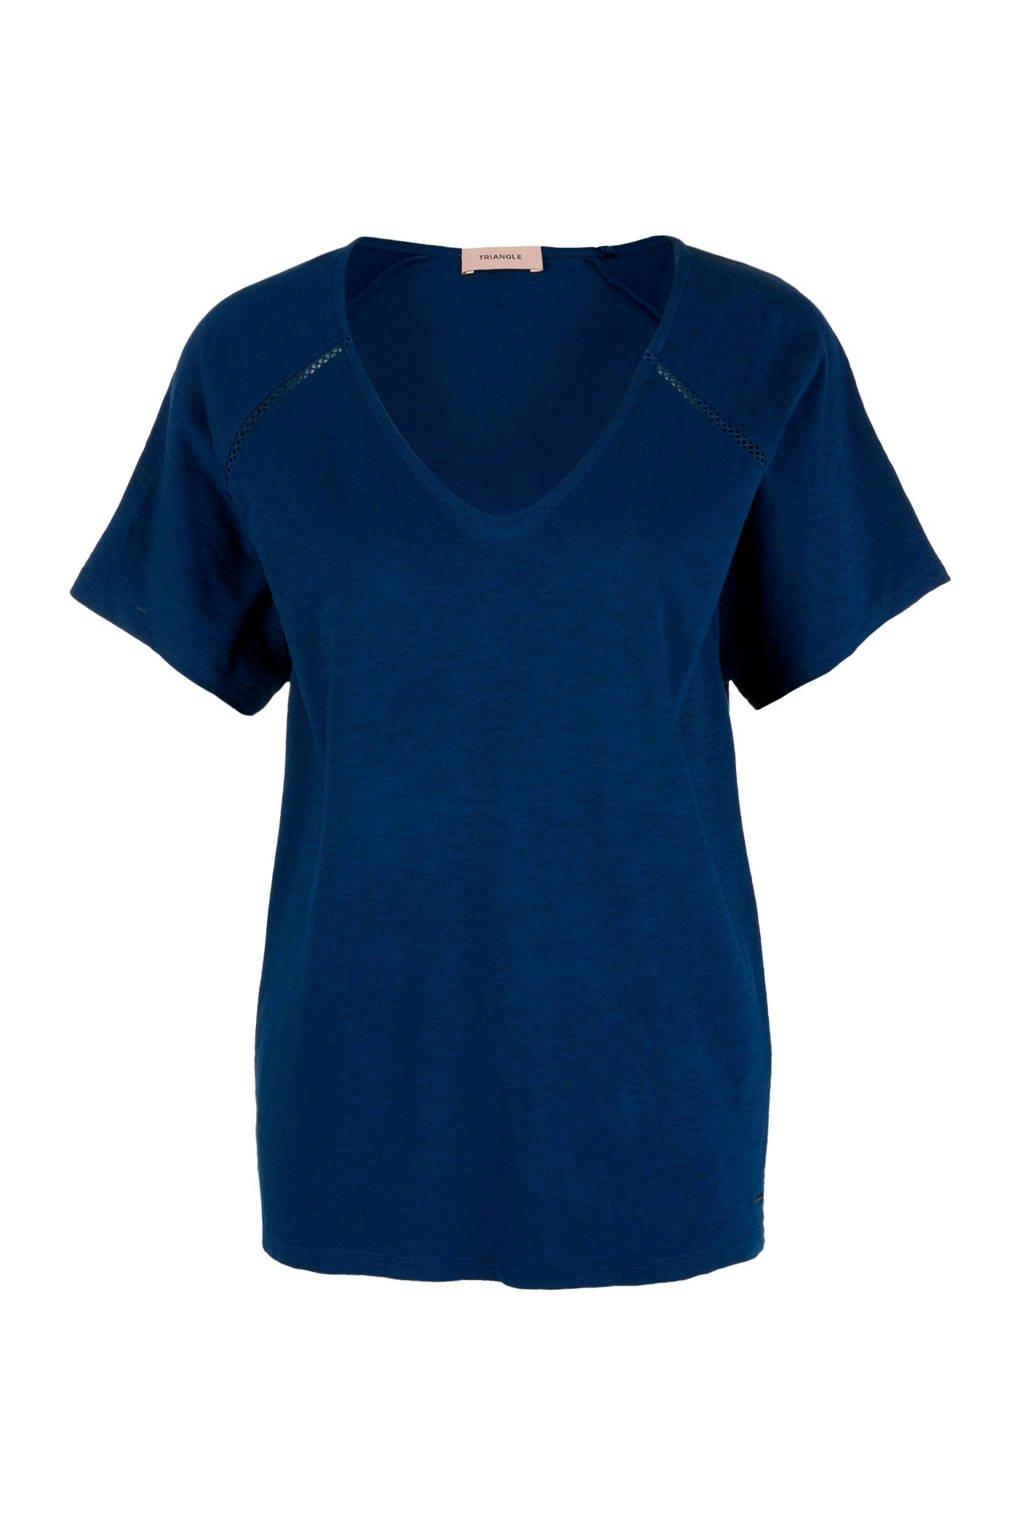 TRIANGLE T-shirt donkerblauw, Donkerblauw